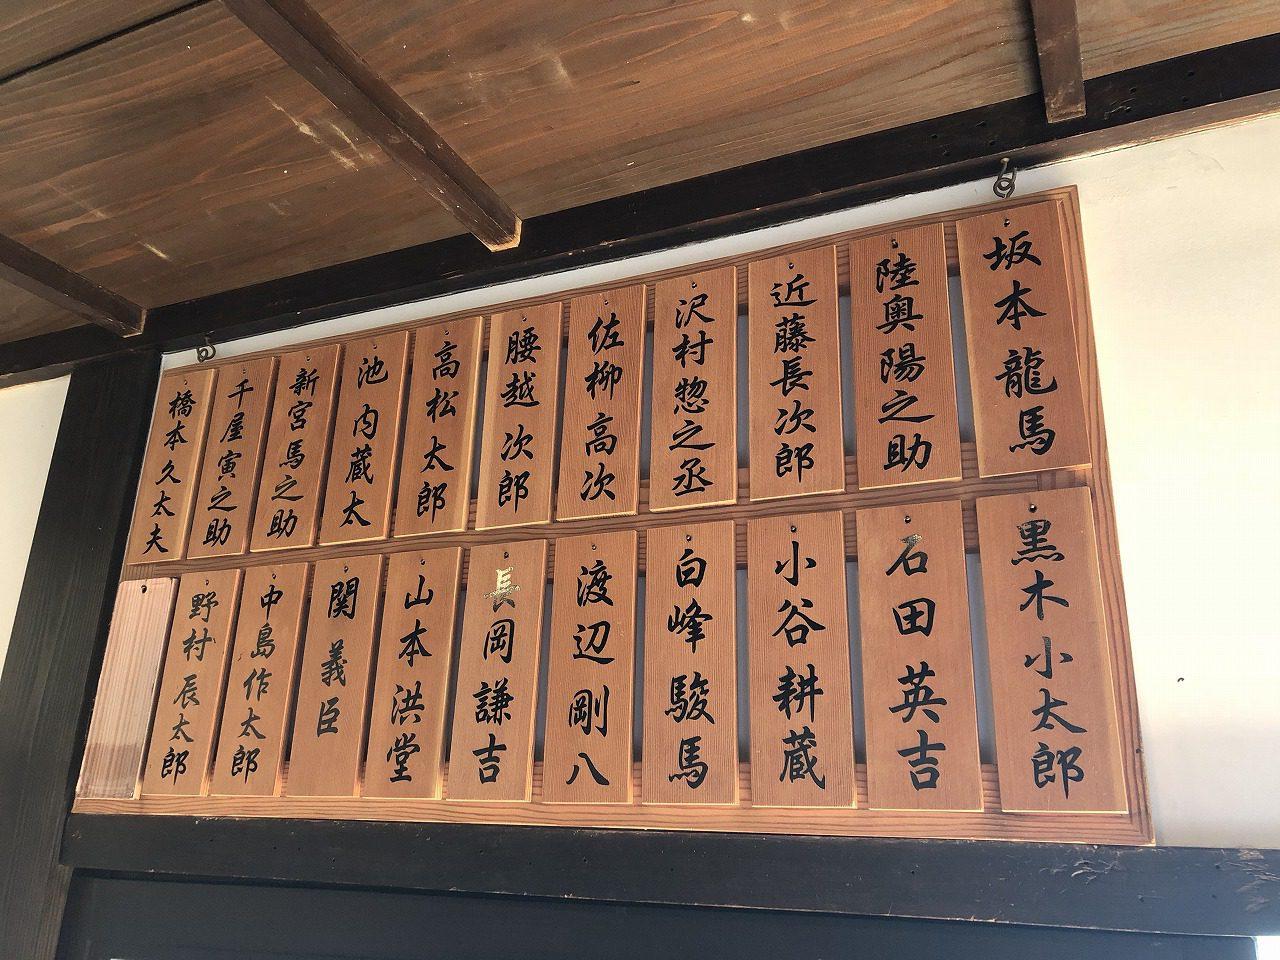 【長崎探訪】当時の竜馬が歩いたであろう道を歩いて亀山社中記念館へ